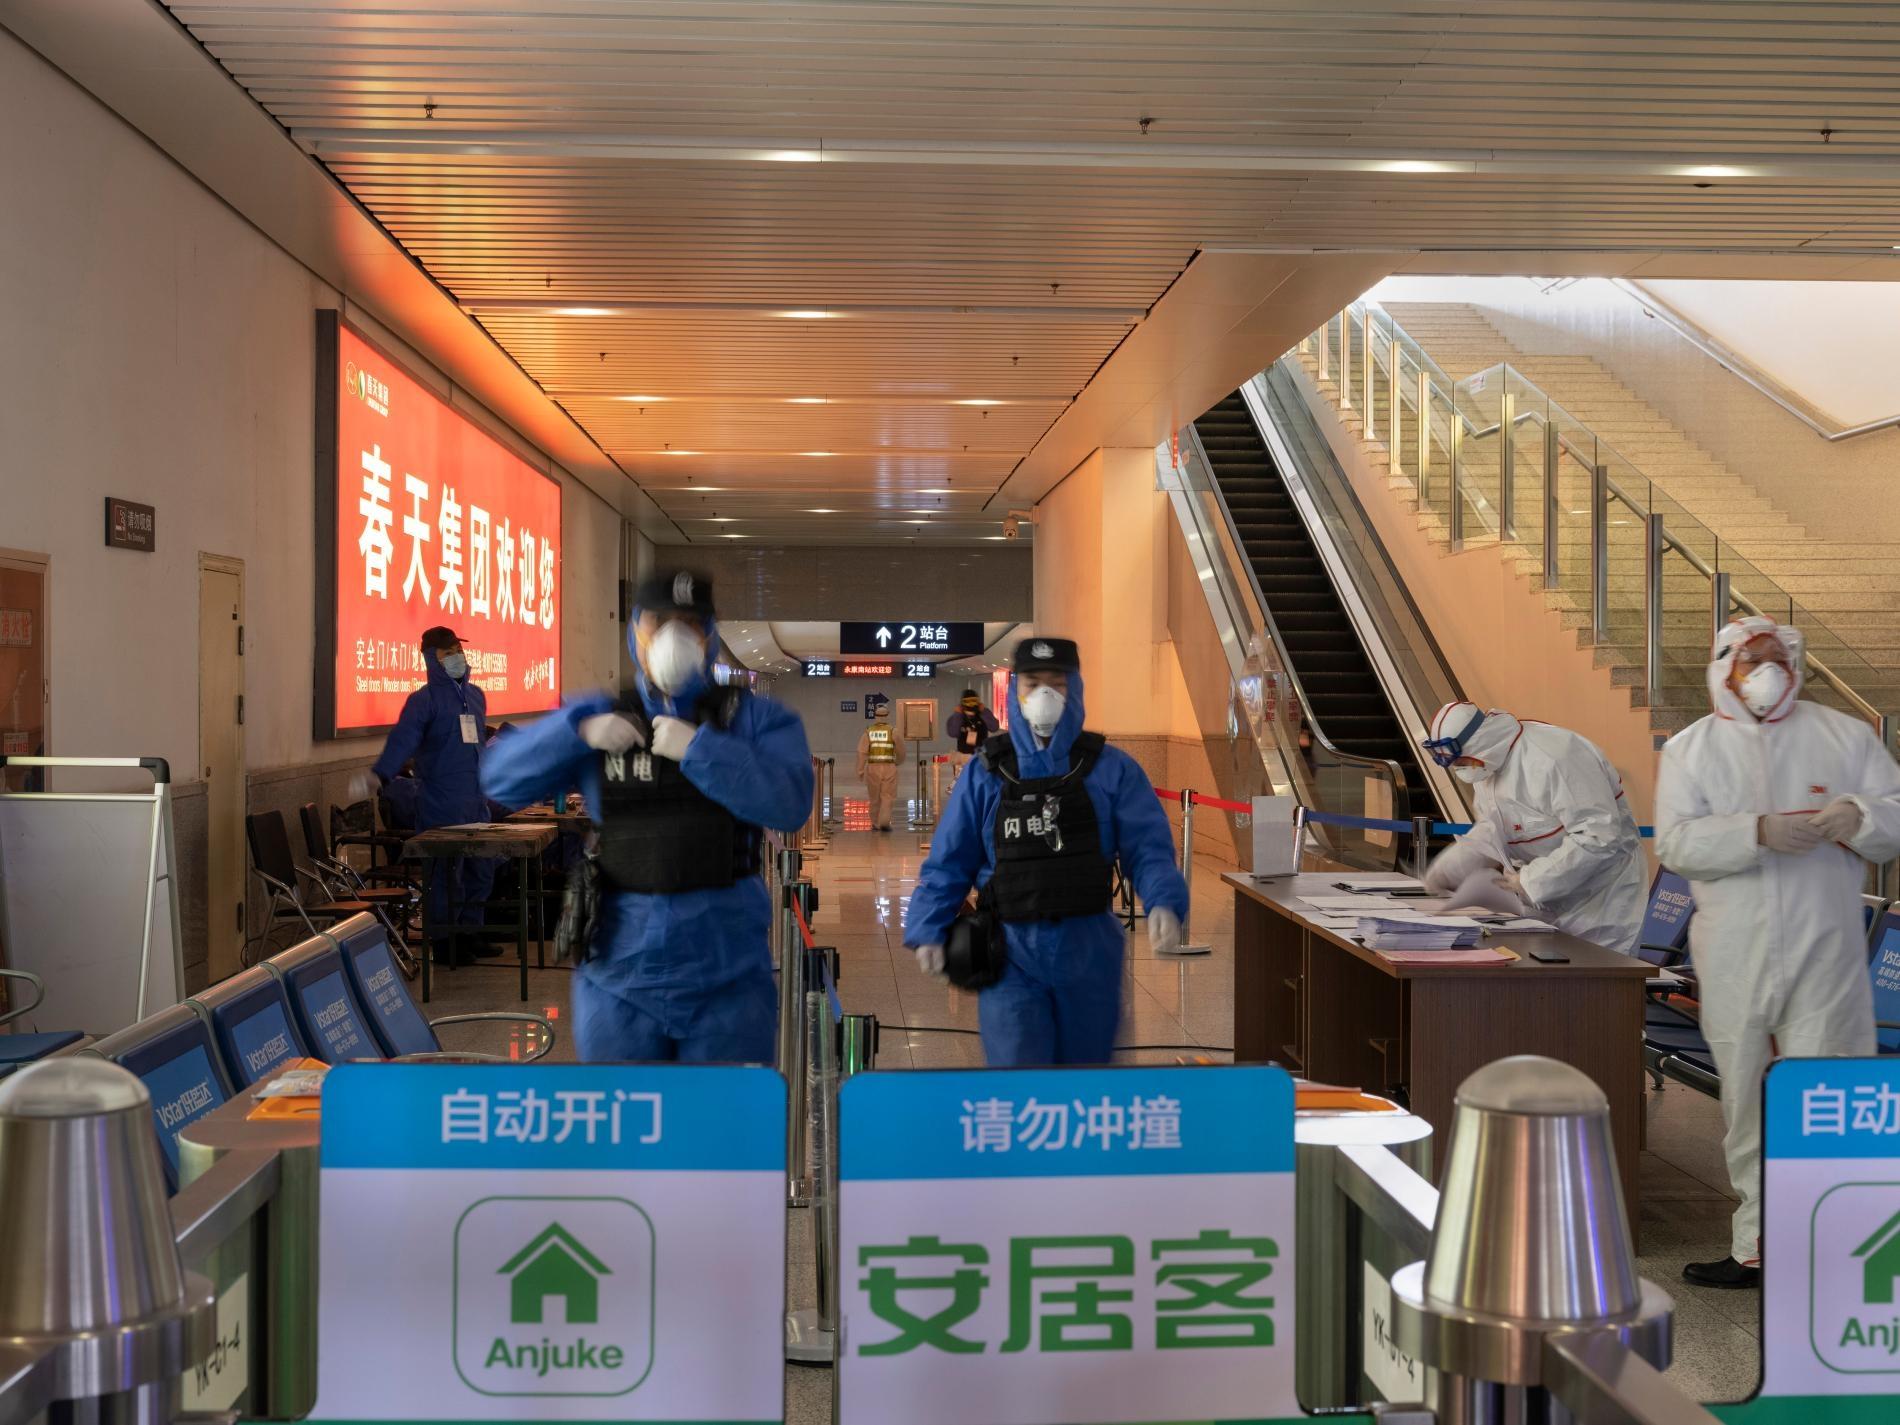 2月9日,警察與衛生人員守在高鐵站其中一處出口。全國各地還在營運的車站,每個出入口都要幫旅客量體溫。旅客若是發燒超過攝氏37.3度,就要被帶到健康機構。PHOTOGRAPH BY ROBAN WANG, NATIONAL GEOGRAPHIC